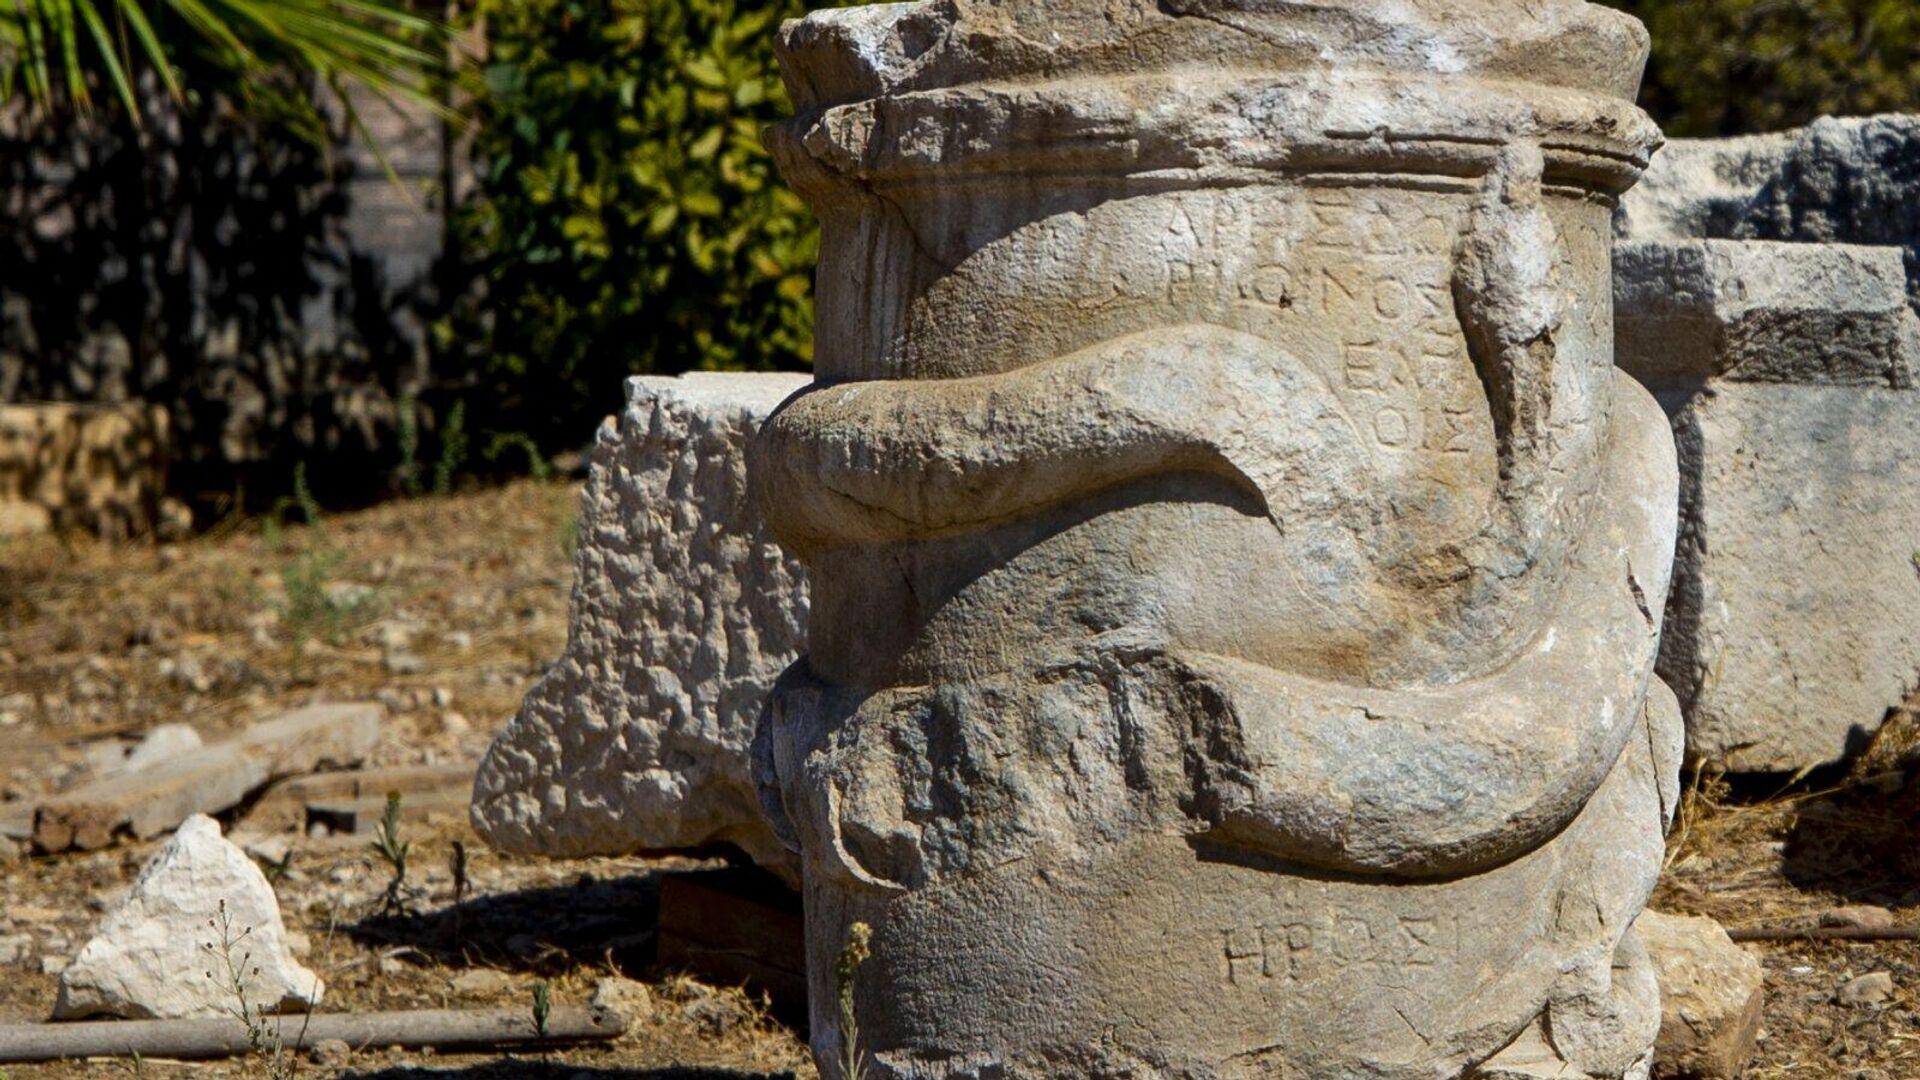 Найденный фрагмент во время раскопок в Патаре, Турция - РИА Новости, 1920, 22.10.2020